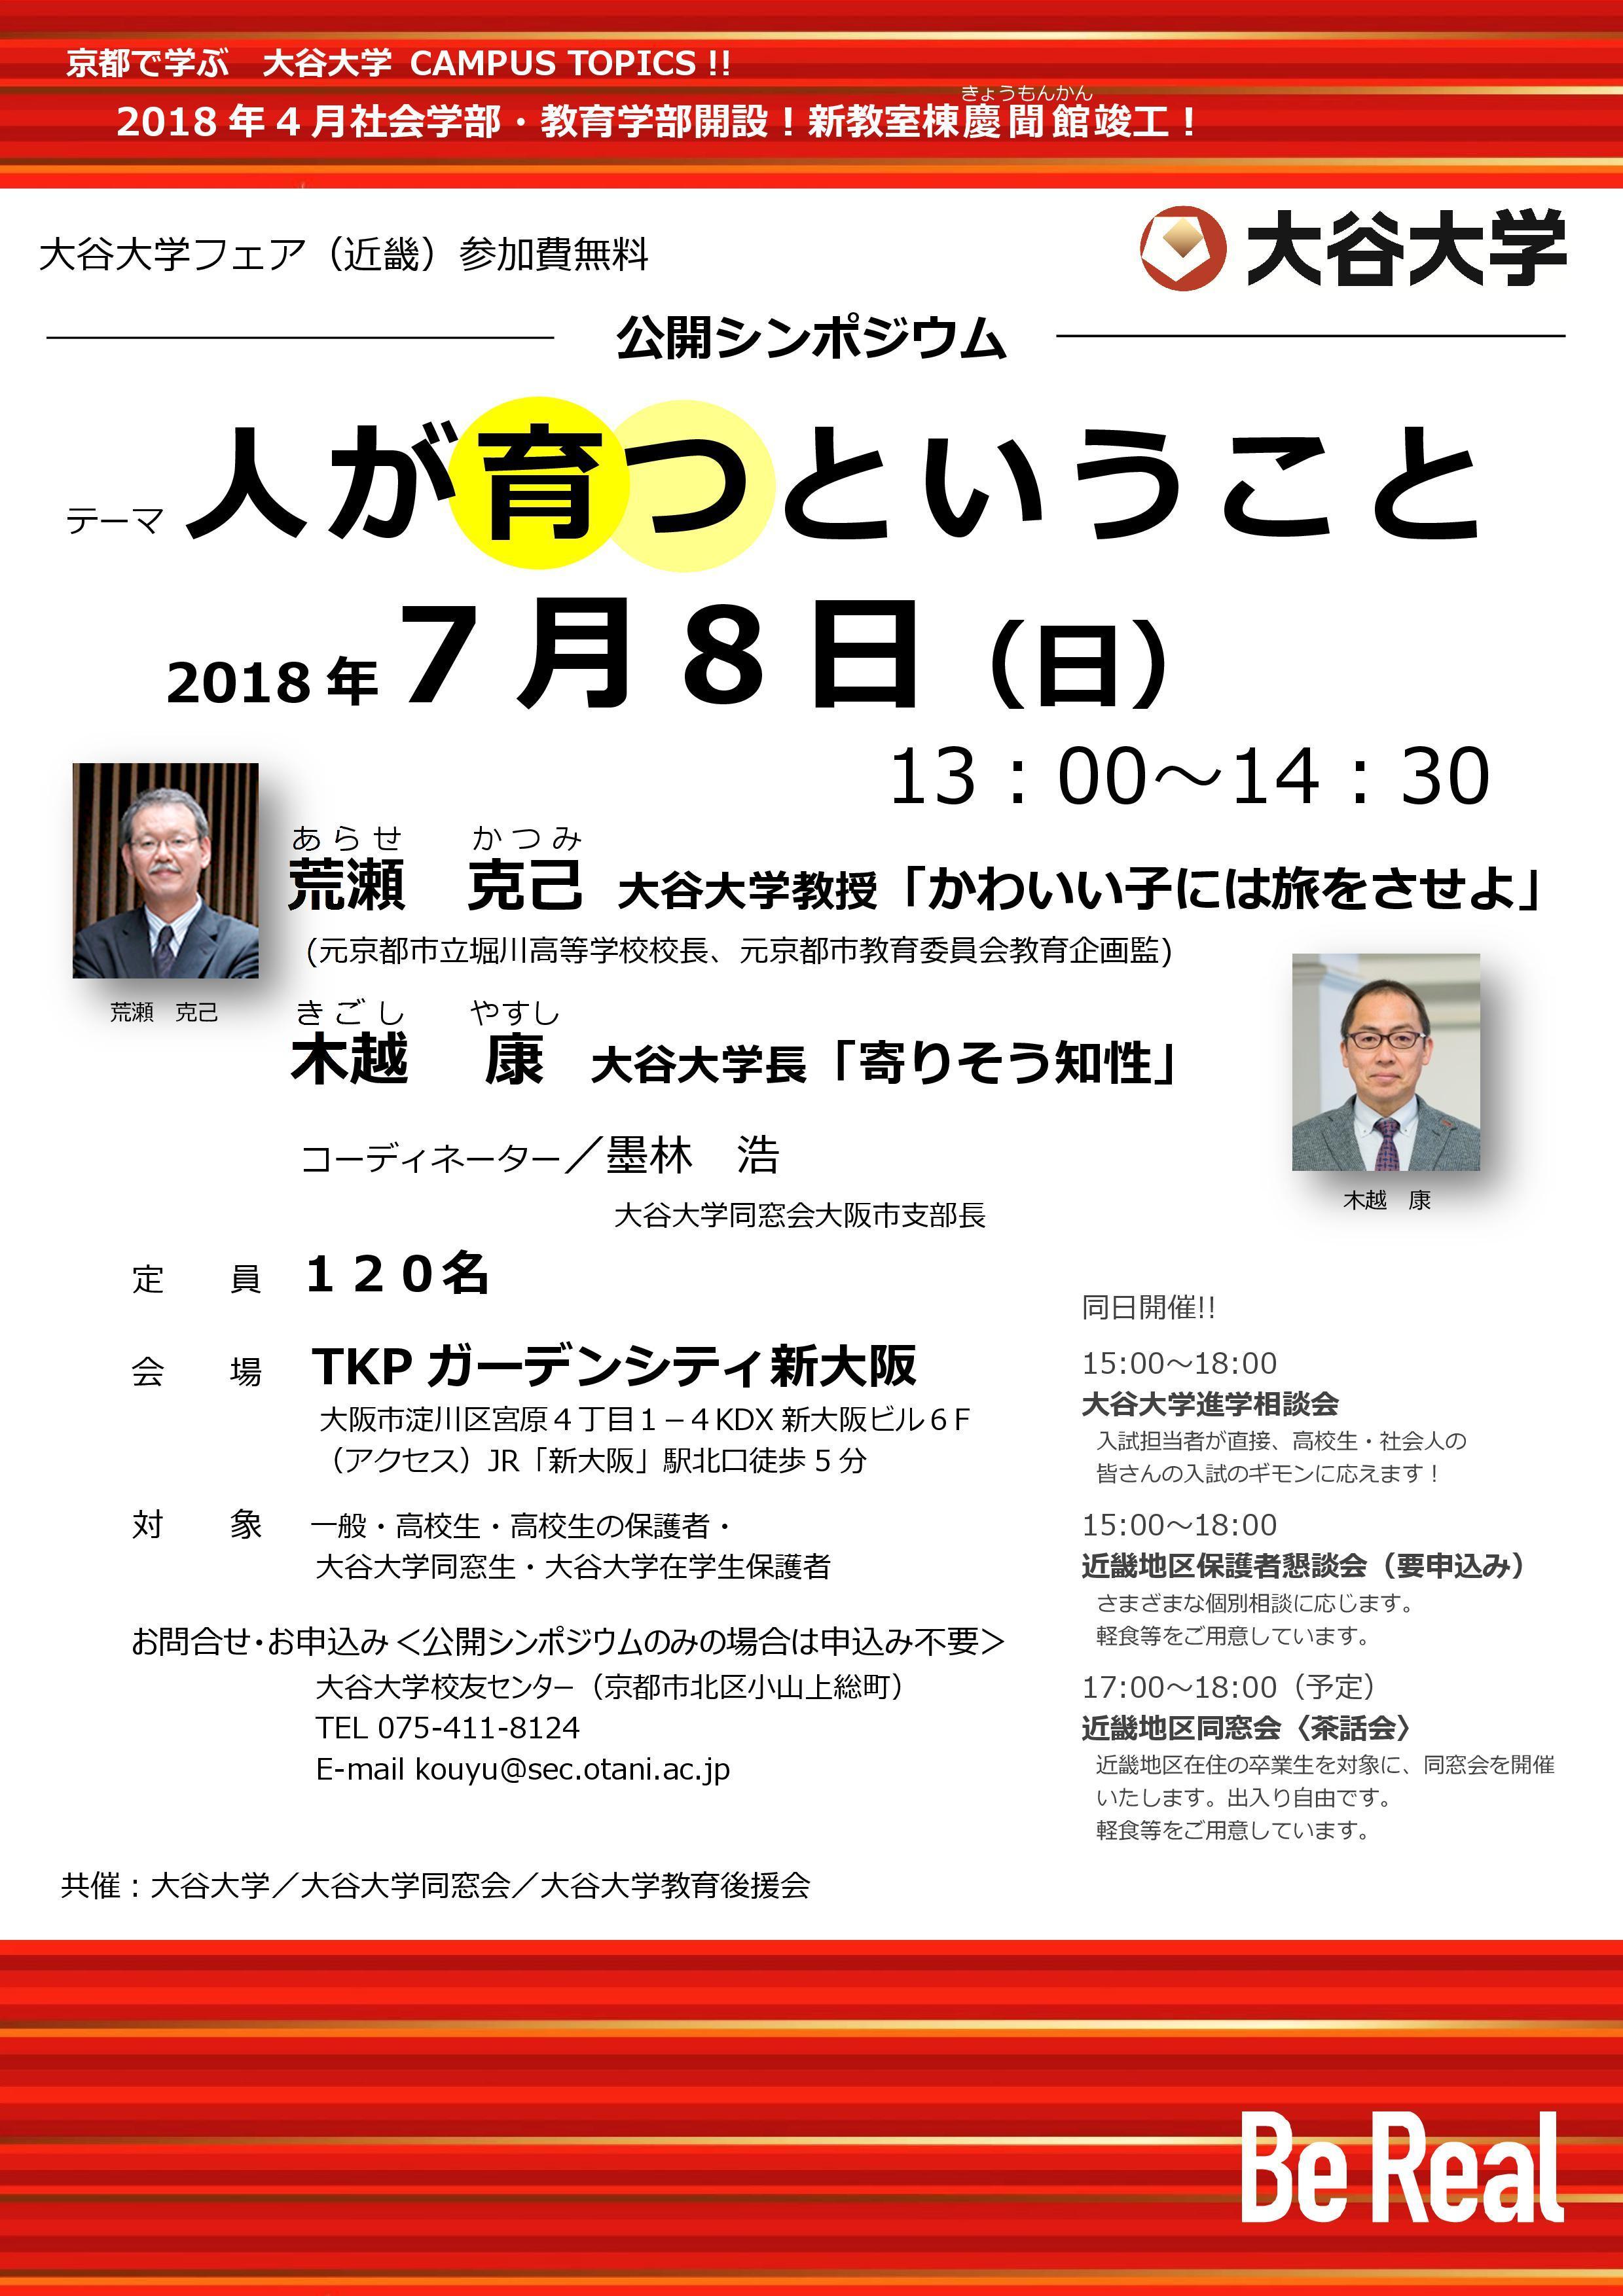 大谷大学(京都市北区/木越康学長)が7月8日(日)に、大谷大学フェア(近畿) 公開シンポジウム「人が育つということ」を開催